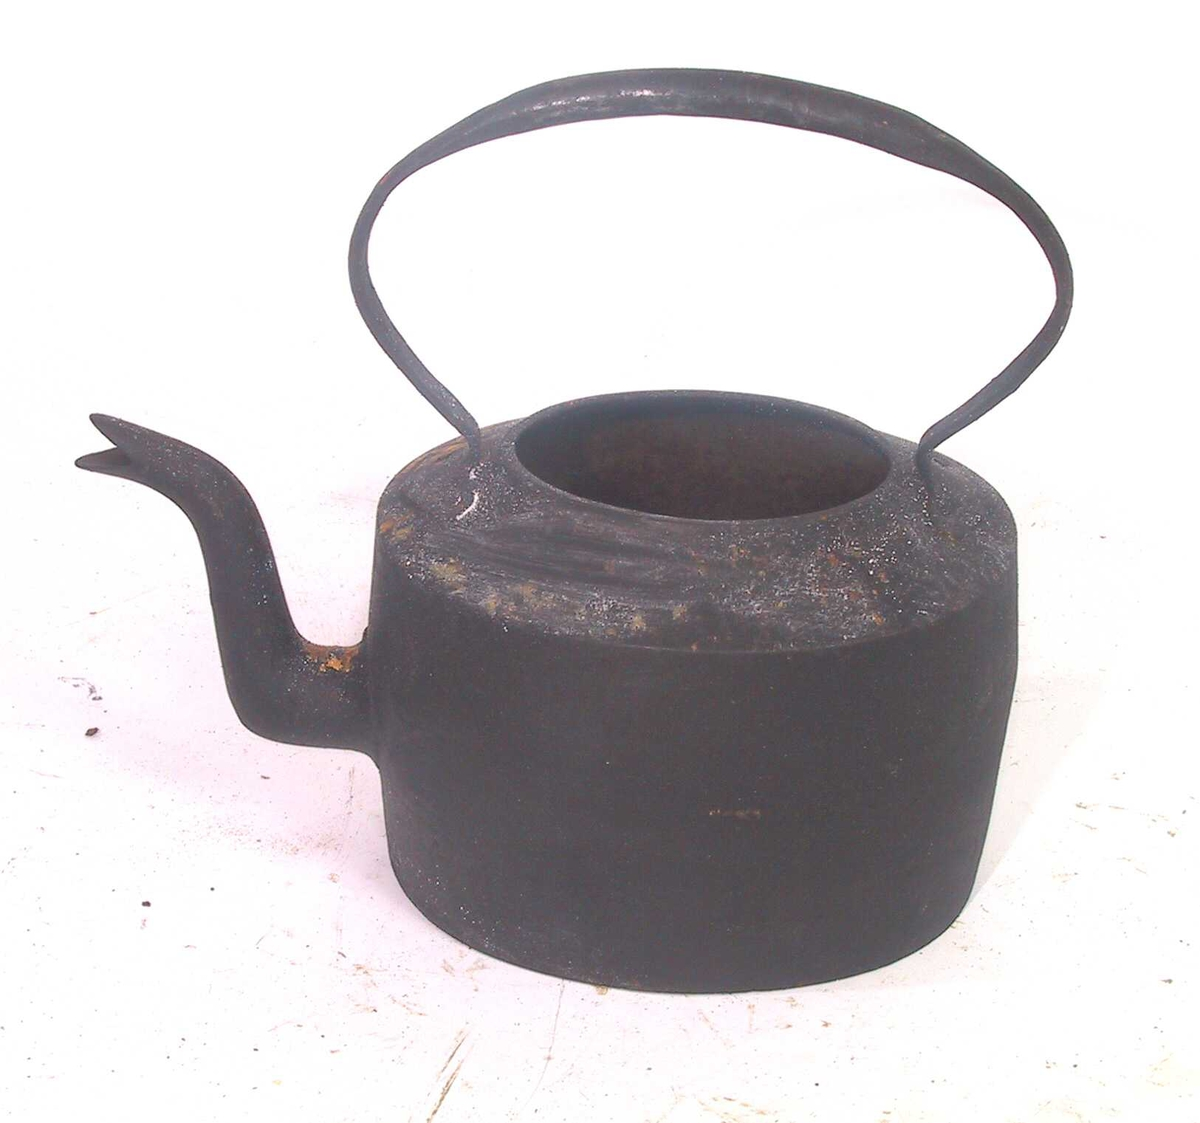 Form: Oval rettsidet kjele med hank, under bunnen